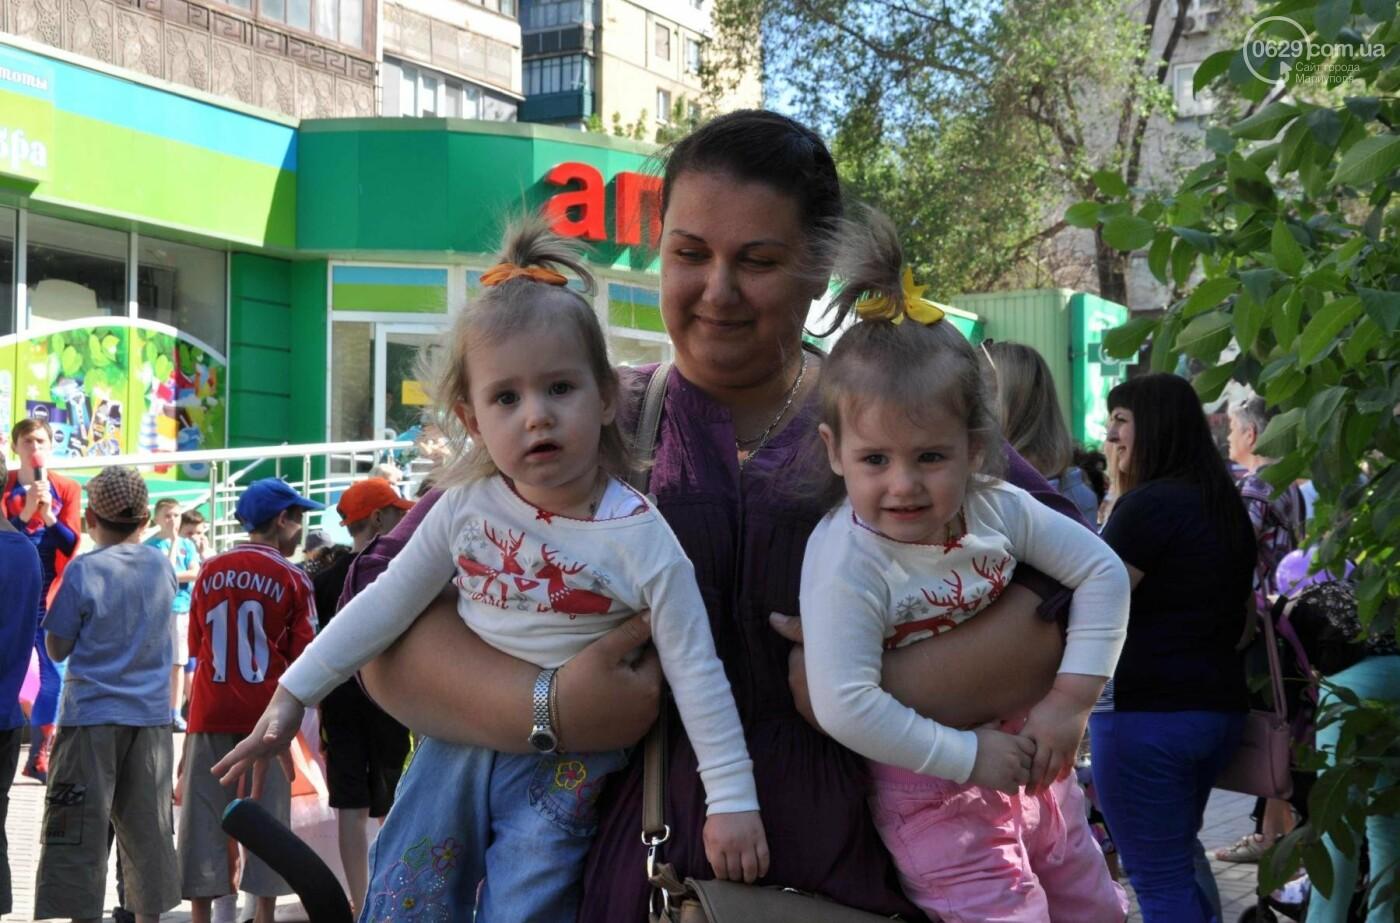 В аптеке «Азовфарм» провели праздник для детей и разыграли призы, фото-14